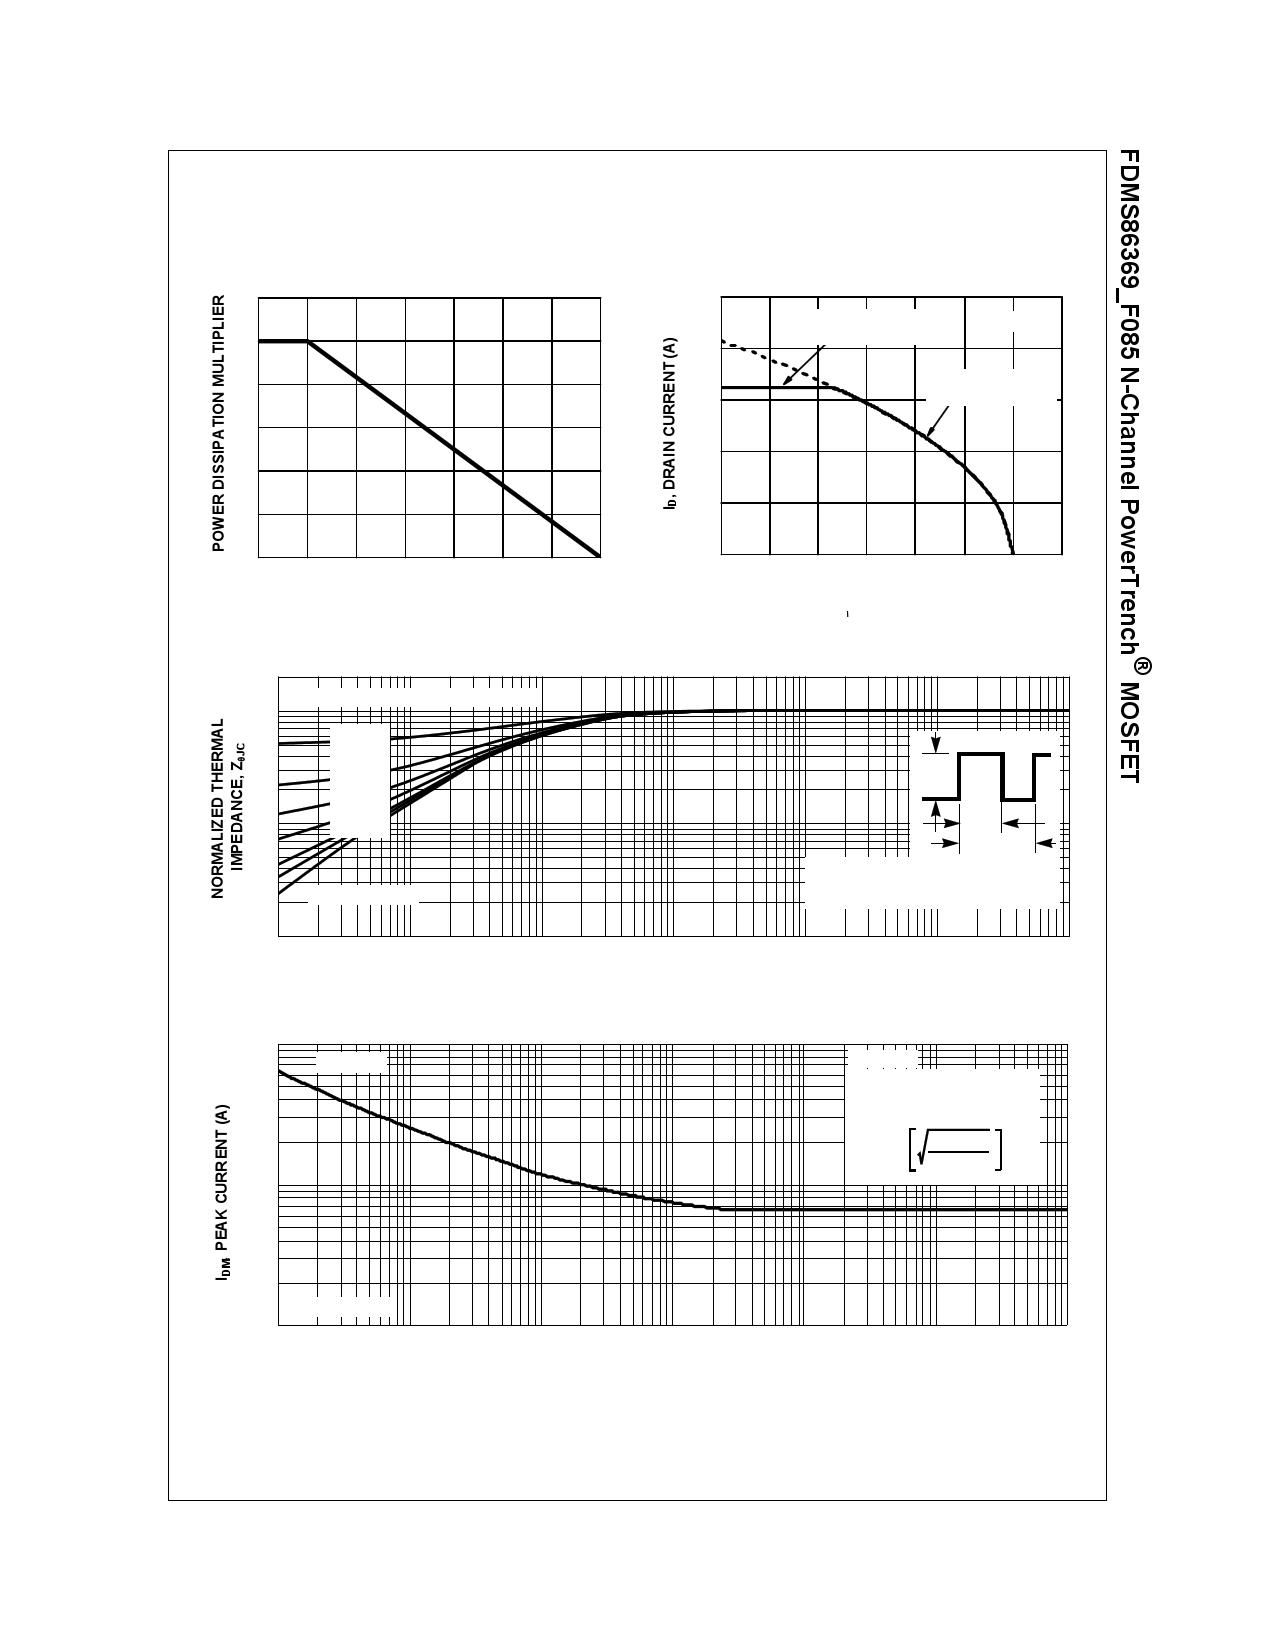 FDMS86369_F085 pdf, ピン配列